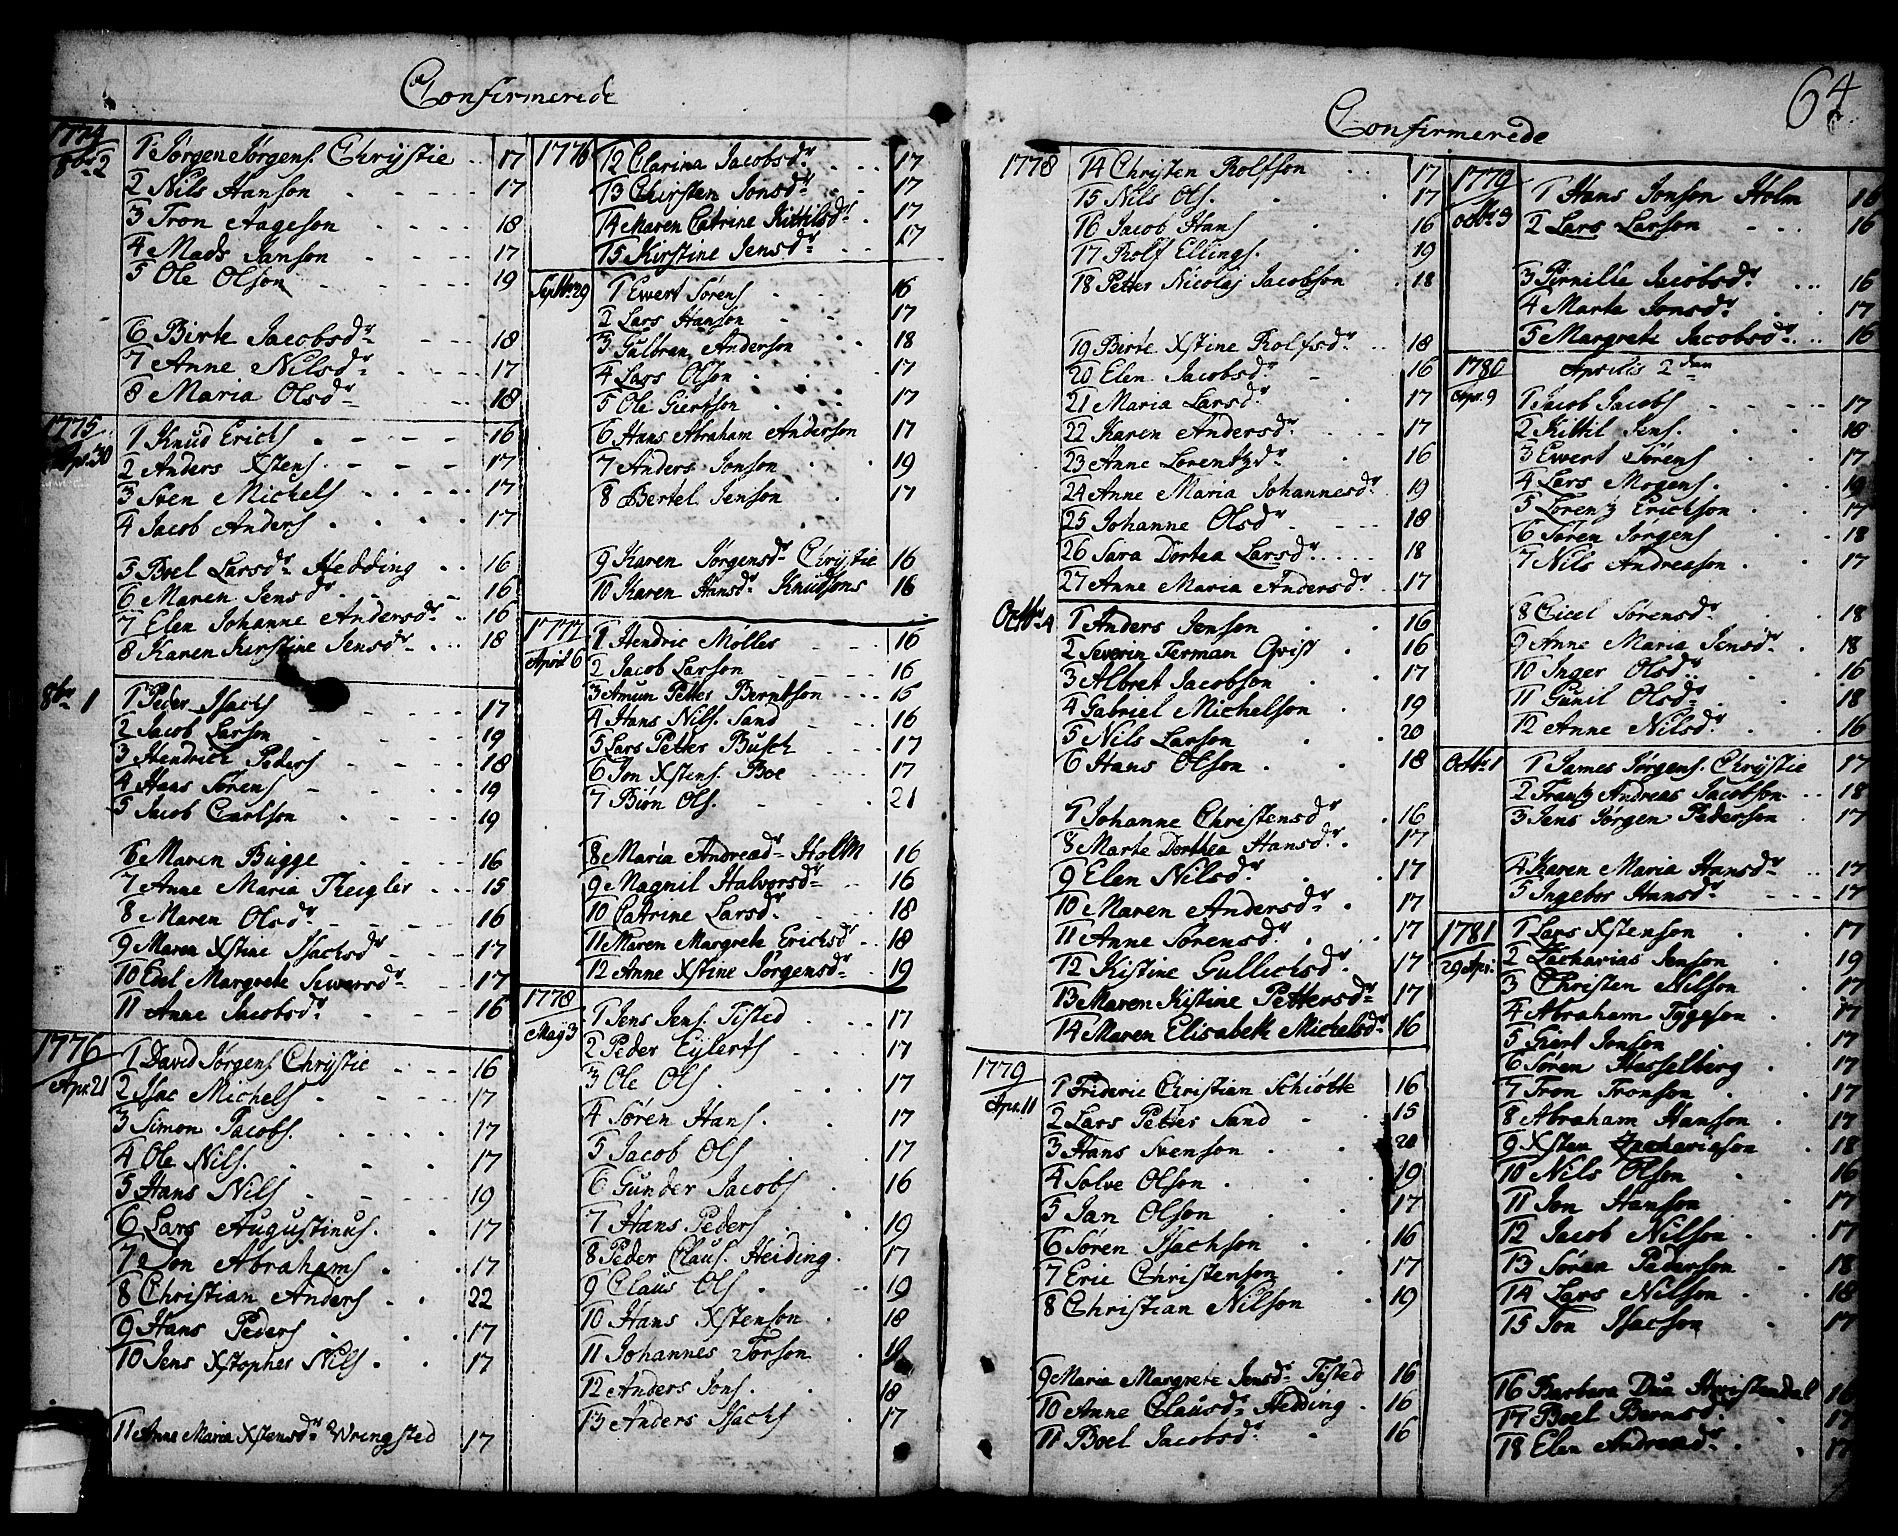 SAKO, Brevik kirkebøker, F/Fa/L0003: Ministerialbok nr. 3, 1764-1814, s. 64